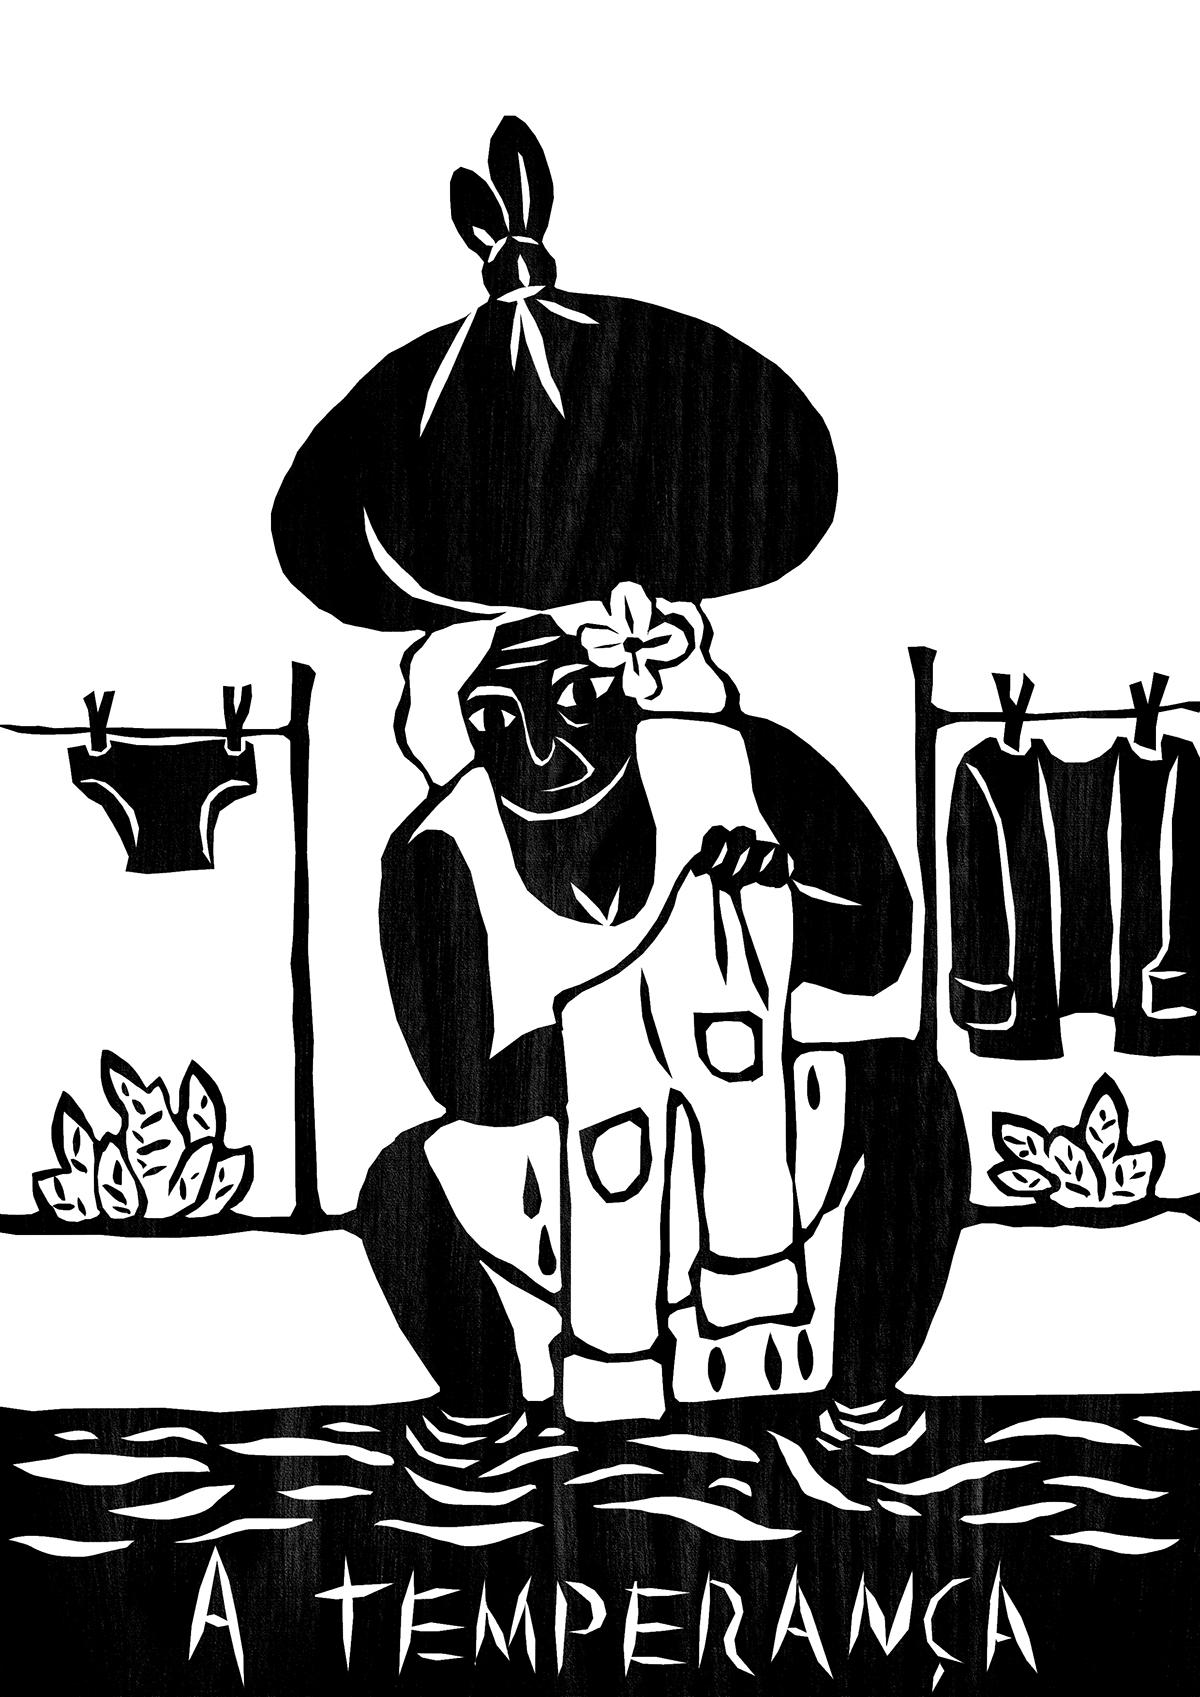 Ilustrador faz releitura de cartas de Tarô com temática nordestina